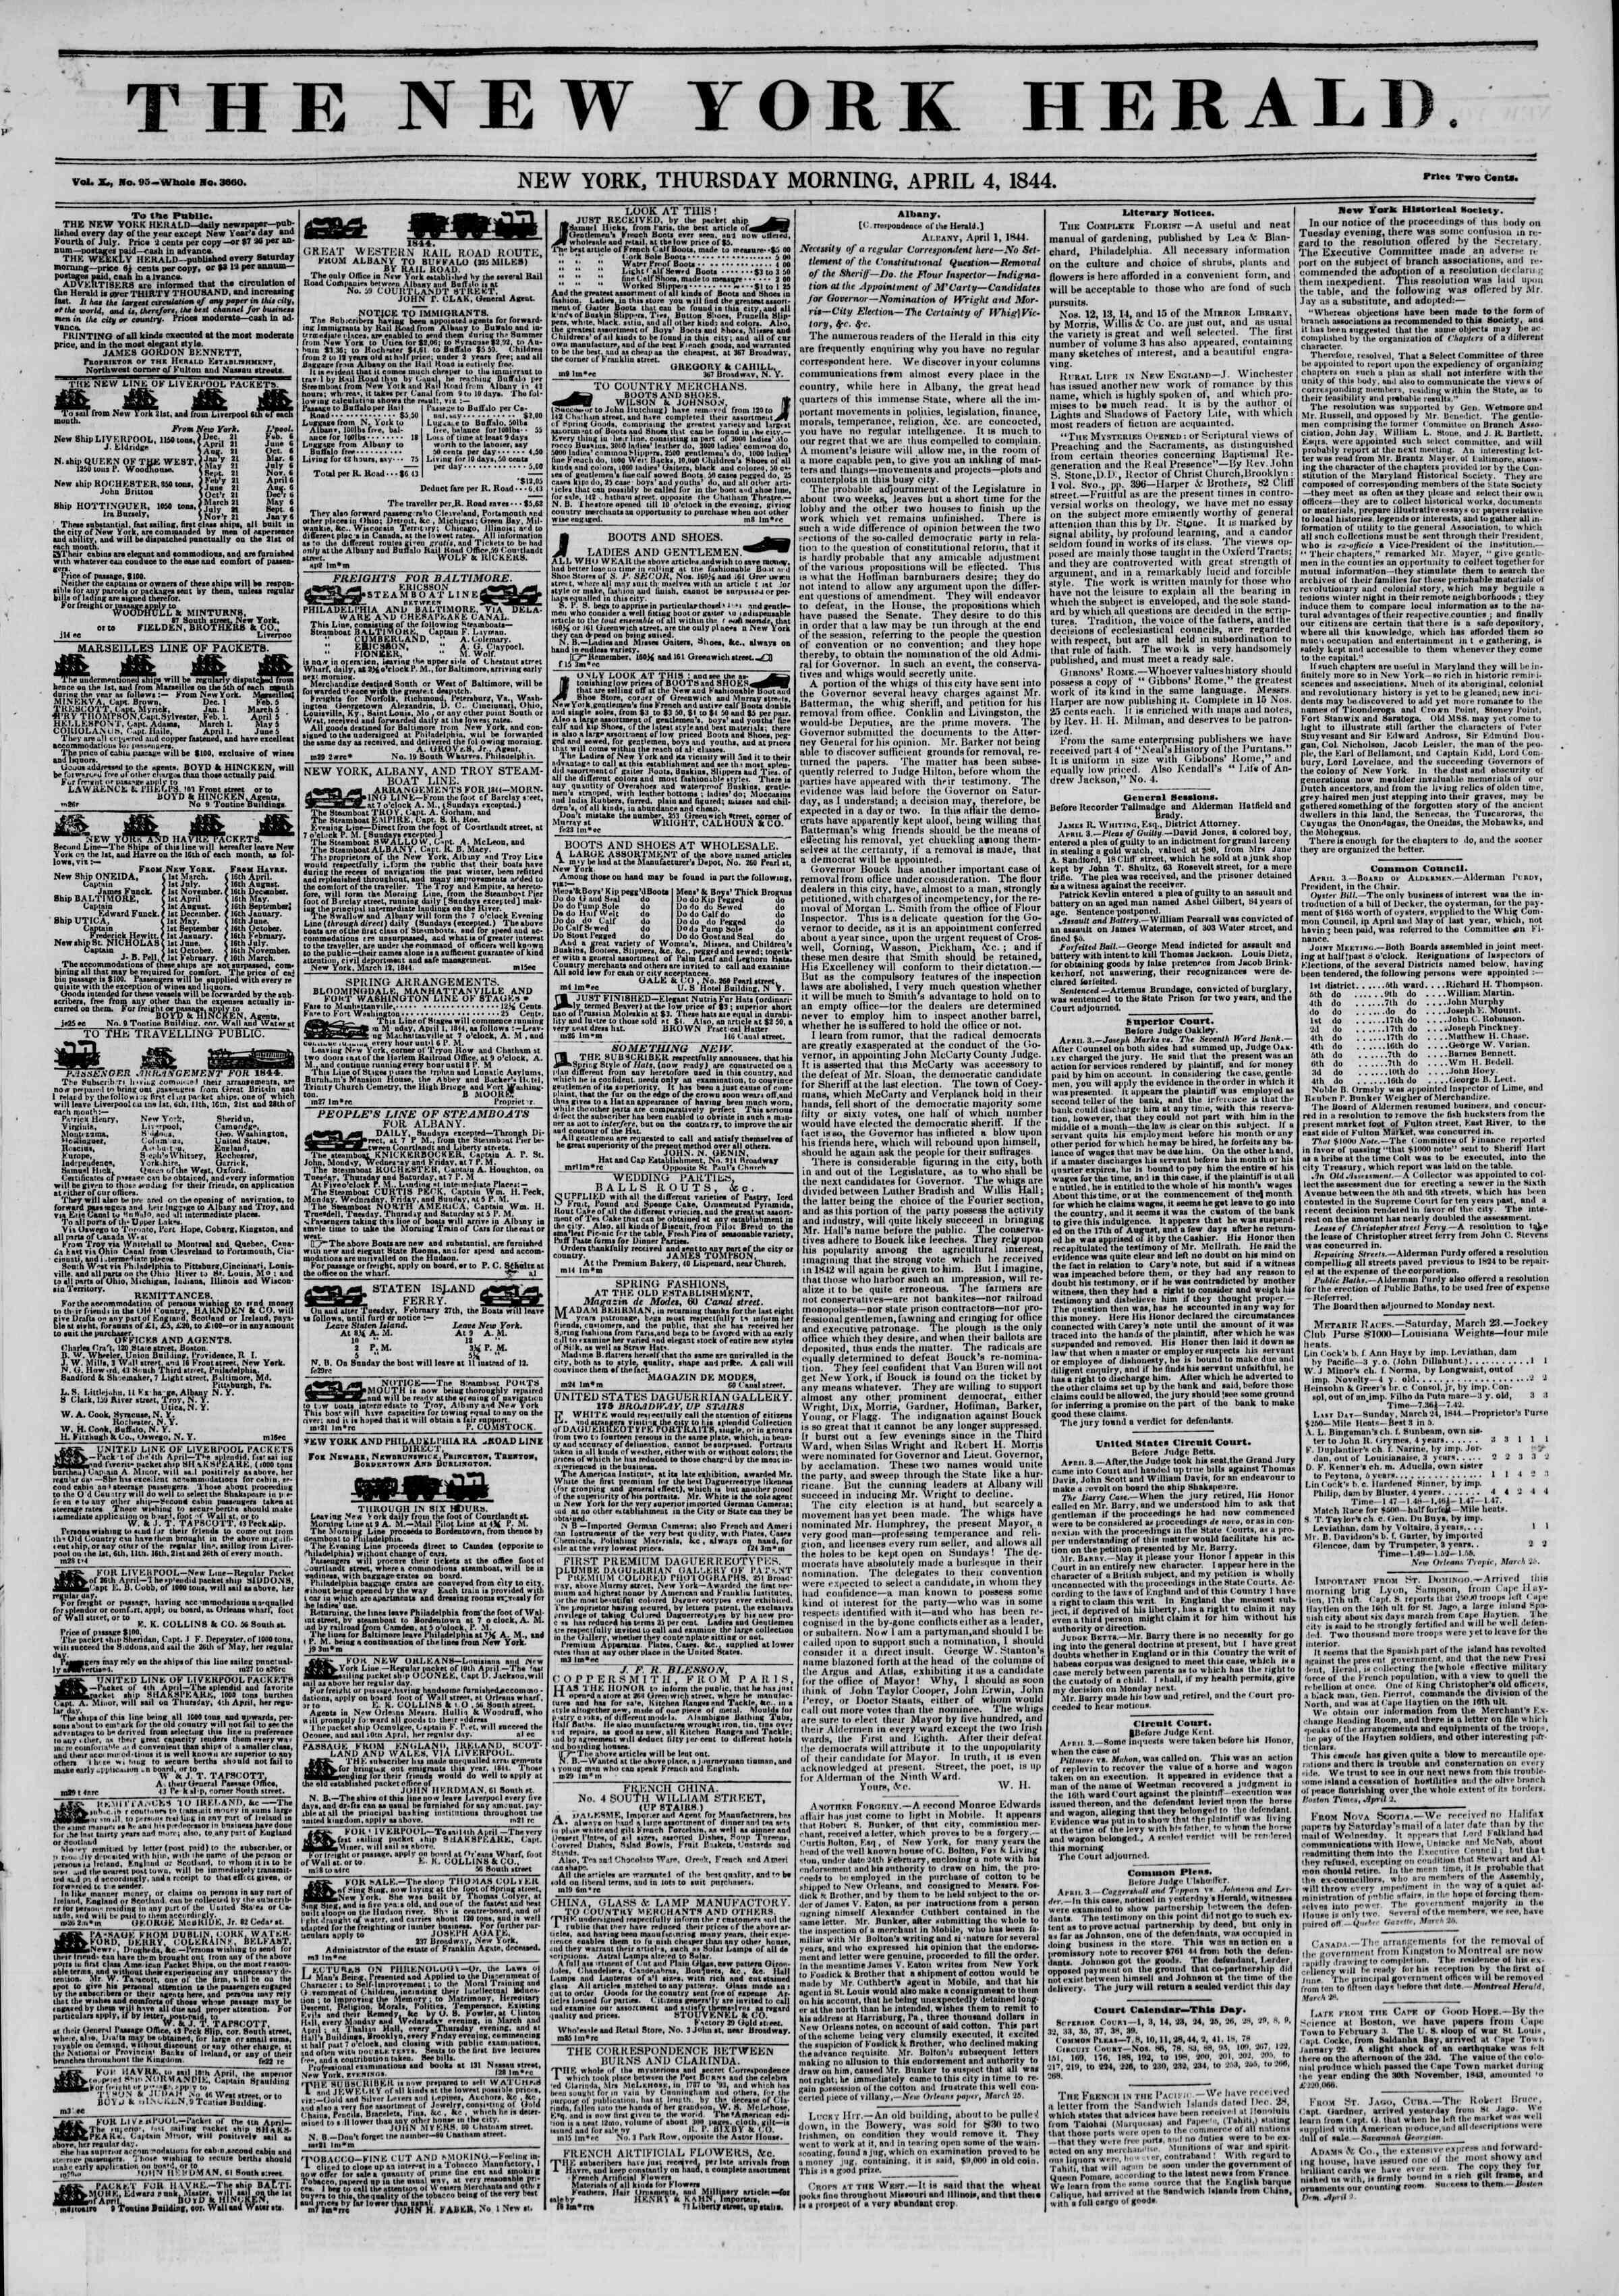 April 4, 1844 Tarihli The New York Herald Gazetesi Sayfa 1